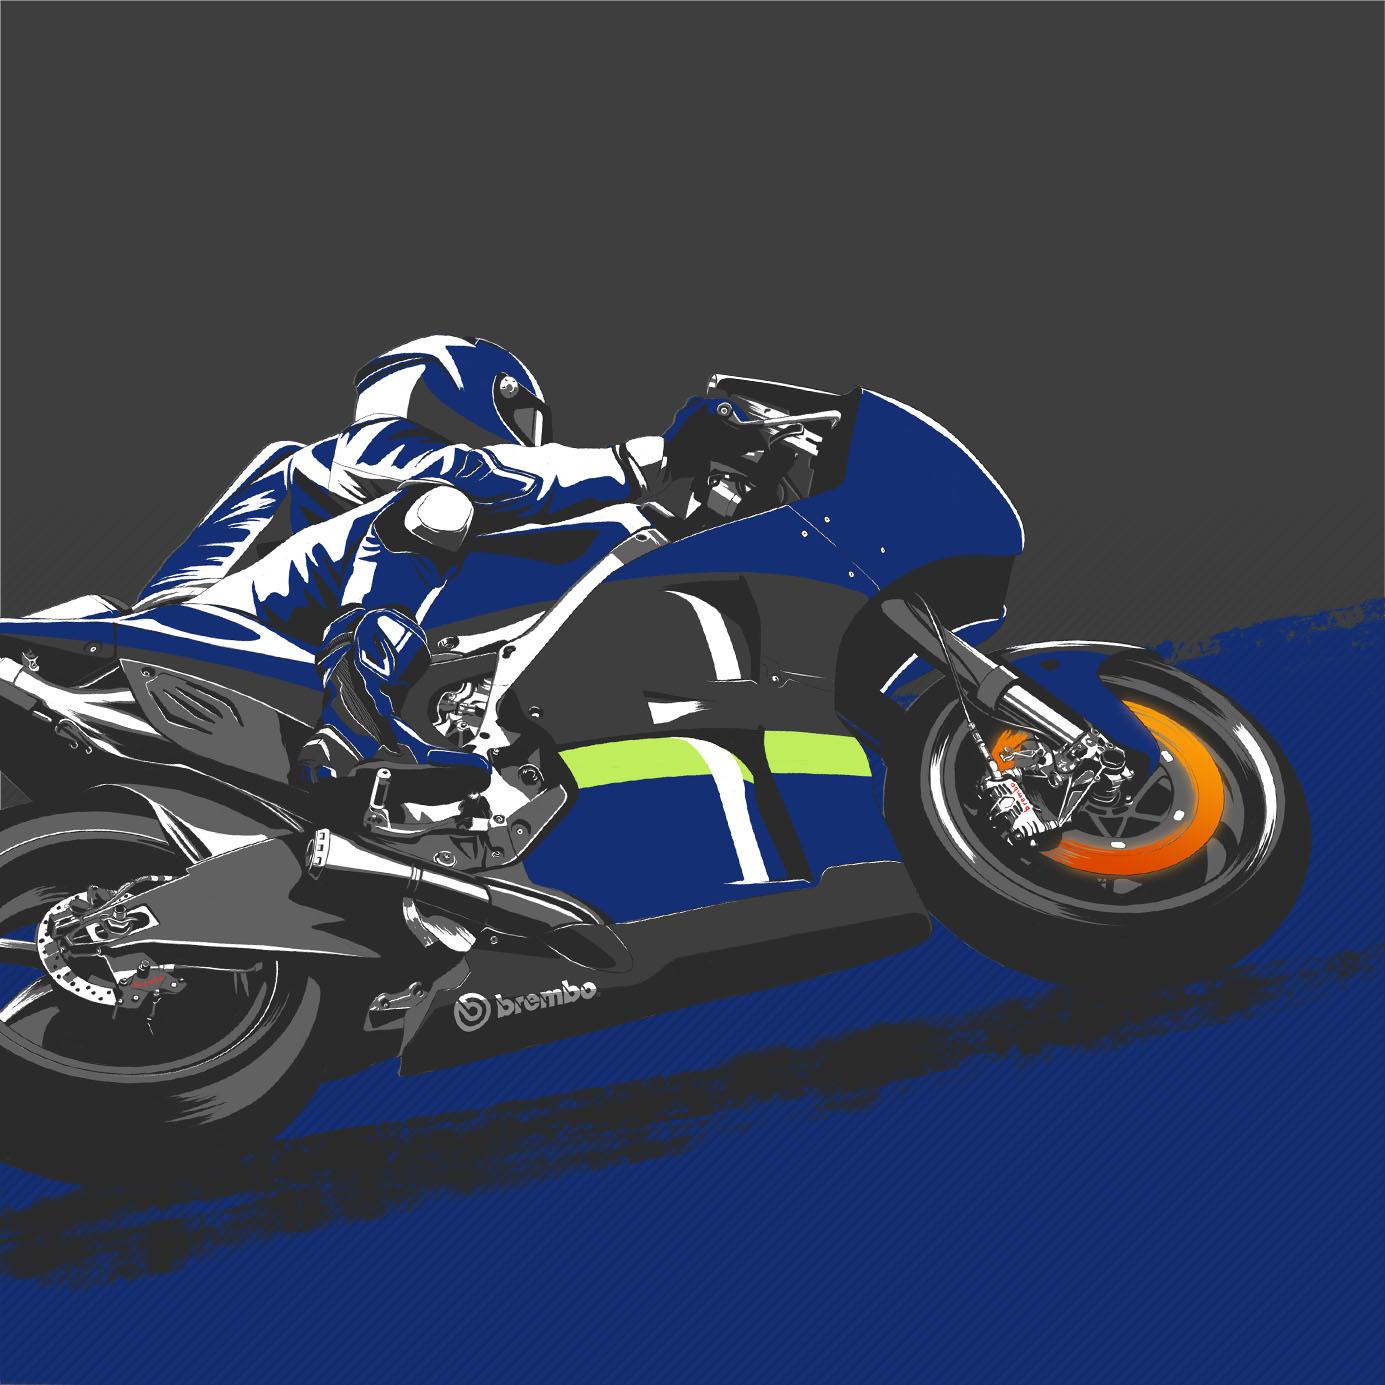 ブレンボが分析する 2021年MotoGP イタリアグランプリ